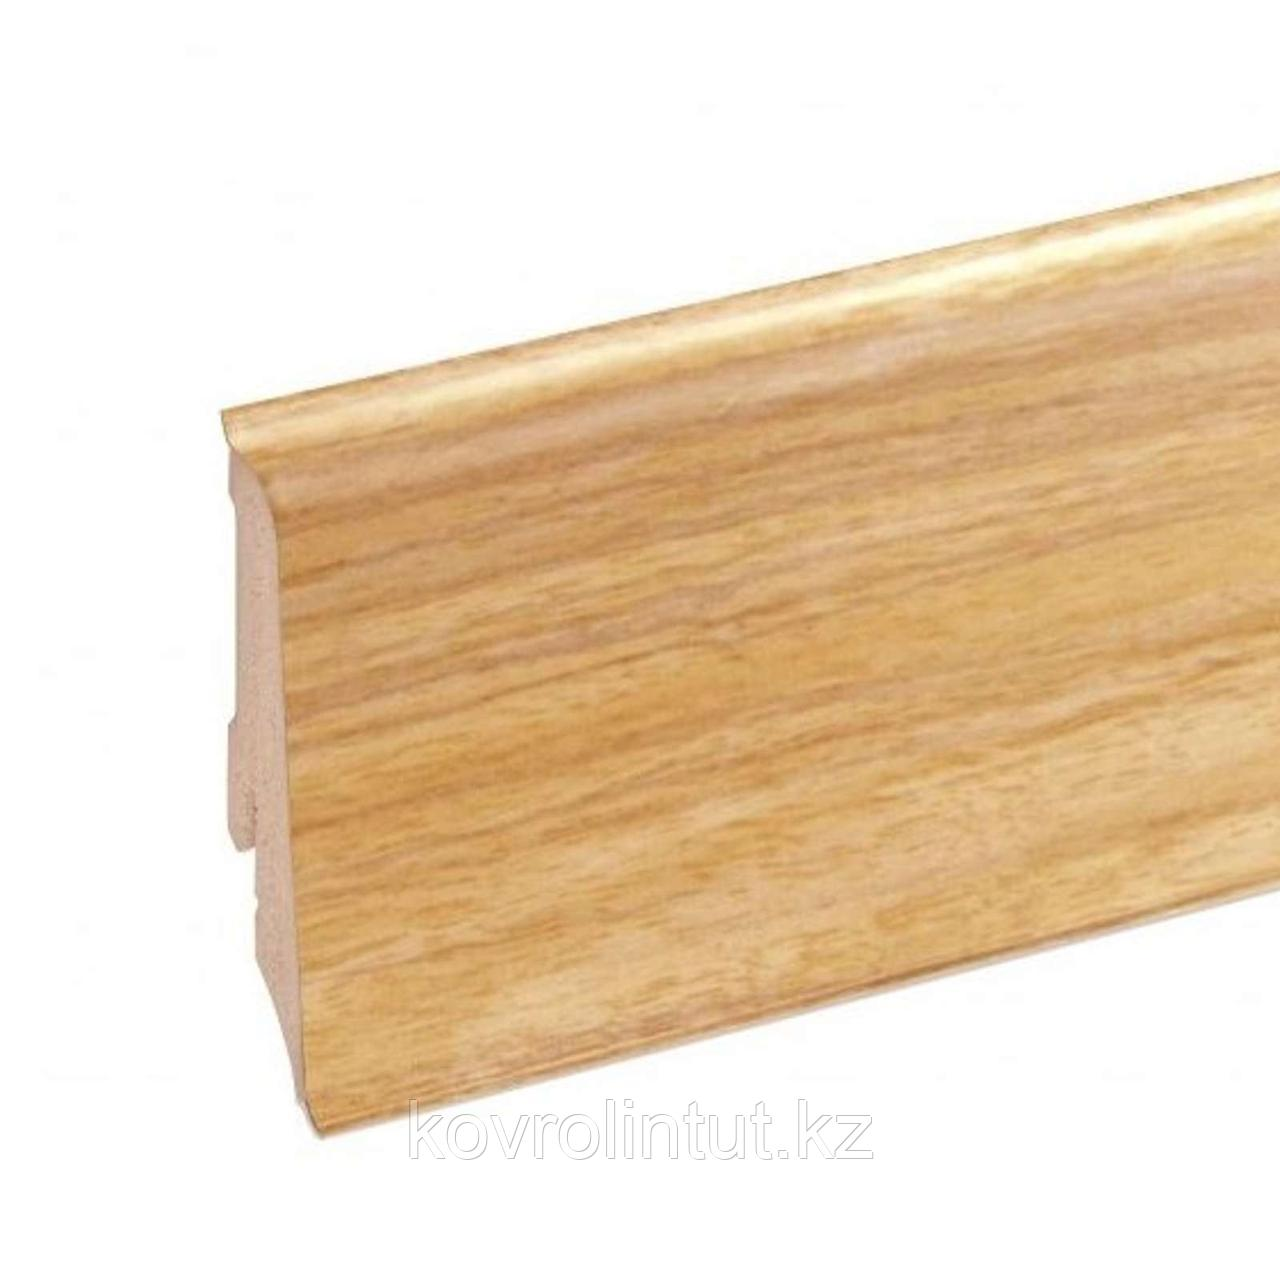 Плинтус композитный для LVT Neuhofer Holz, K0210L, 714454, 2400х59х17 мм